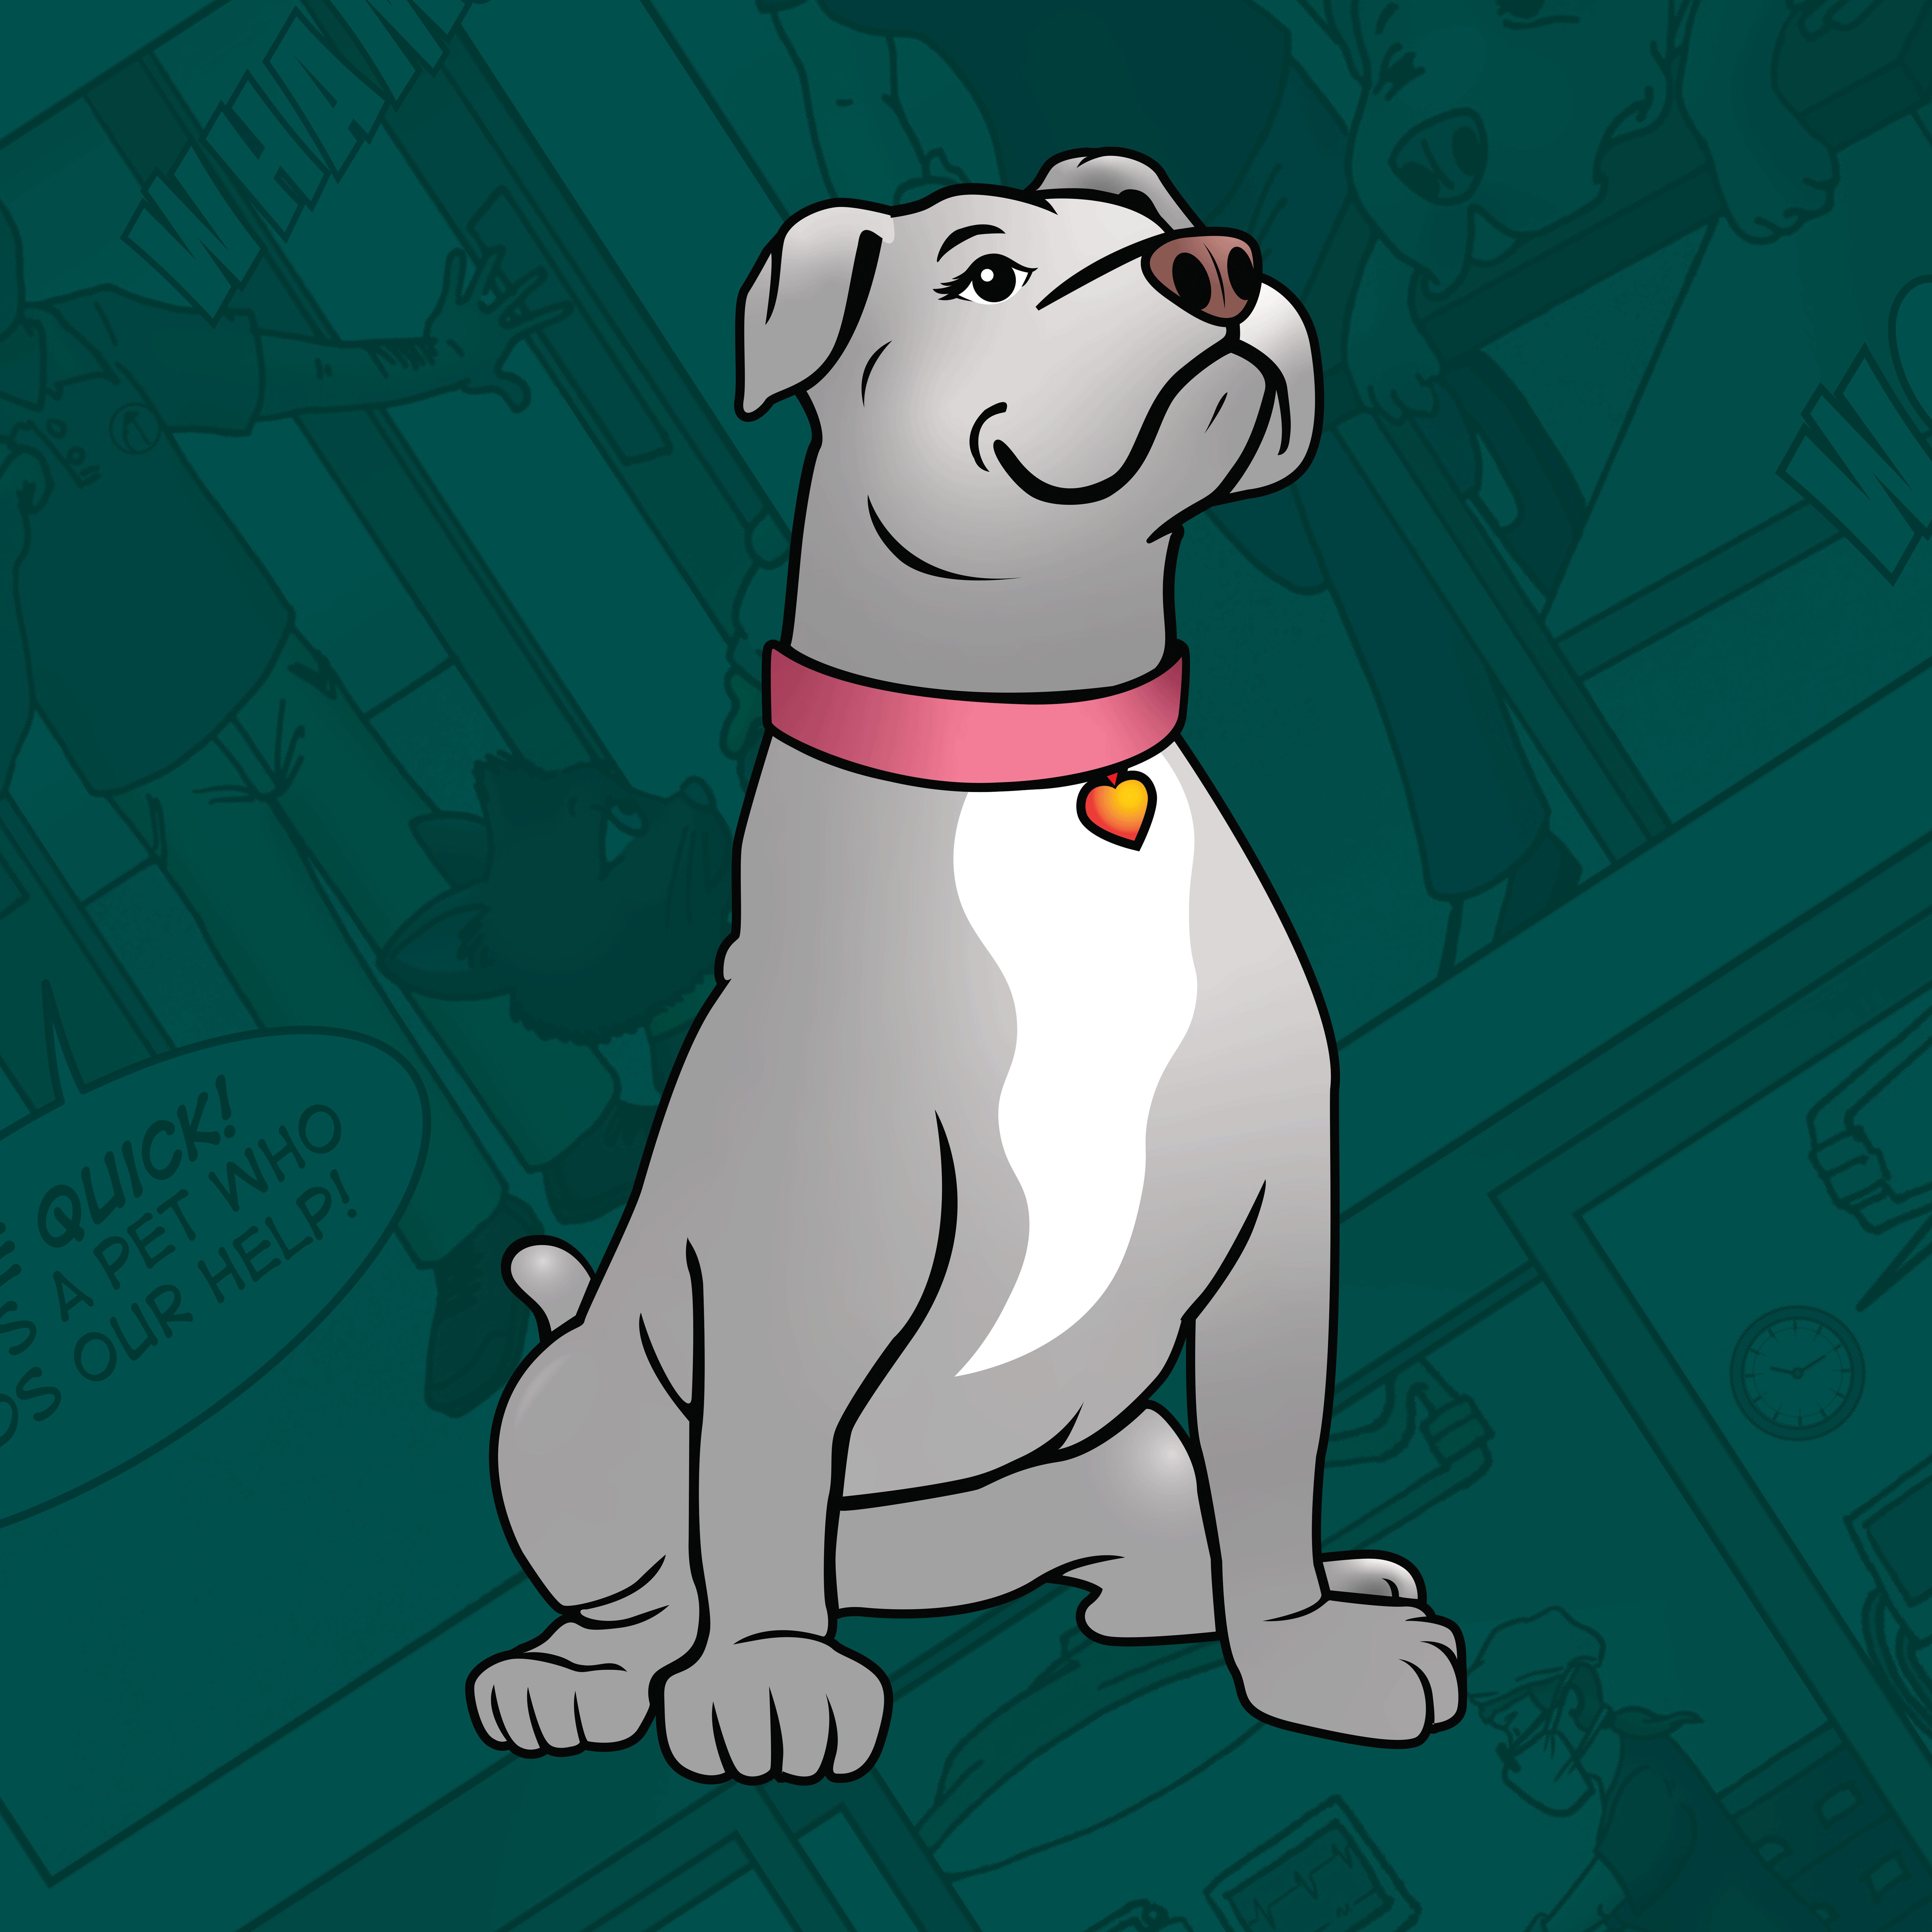 Legends of Lollypop - Tasha the Dog